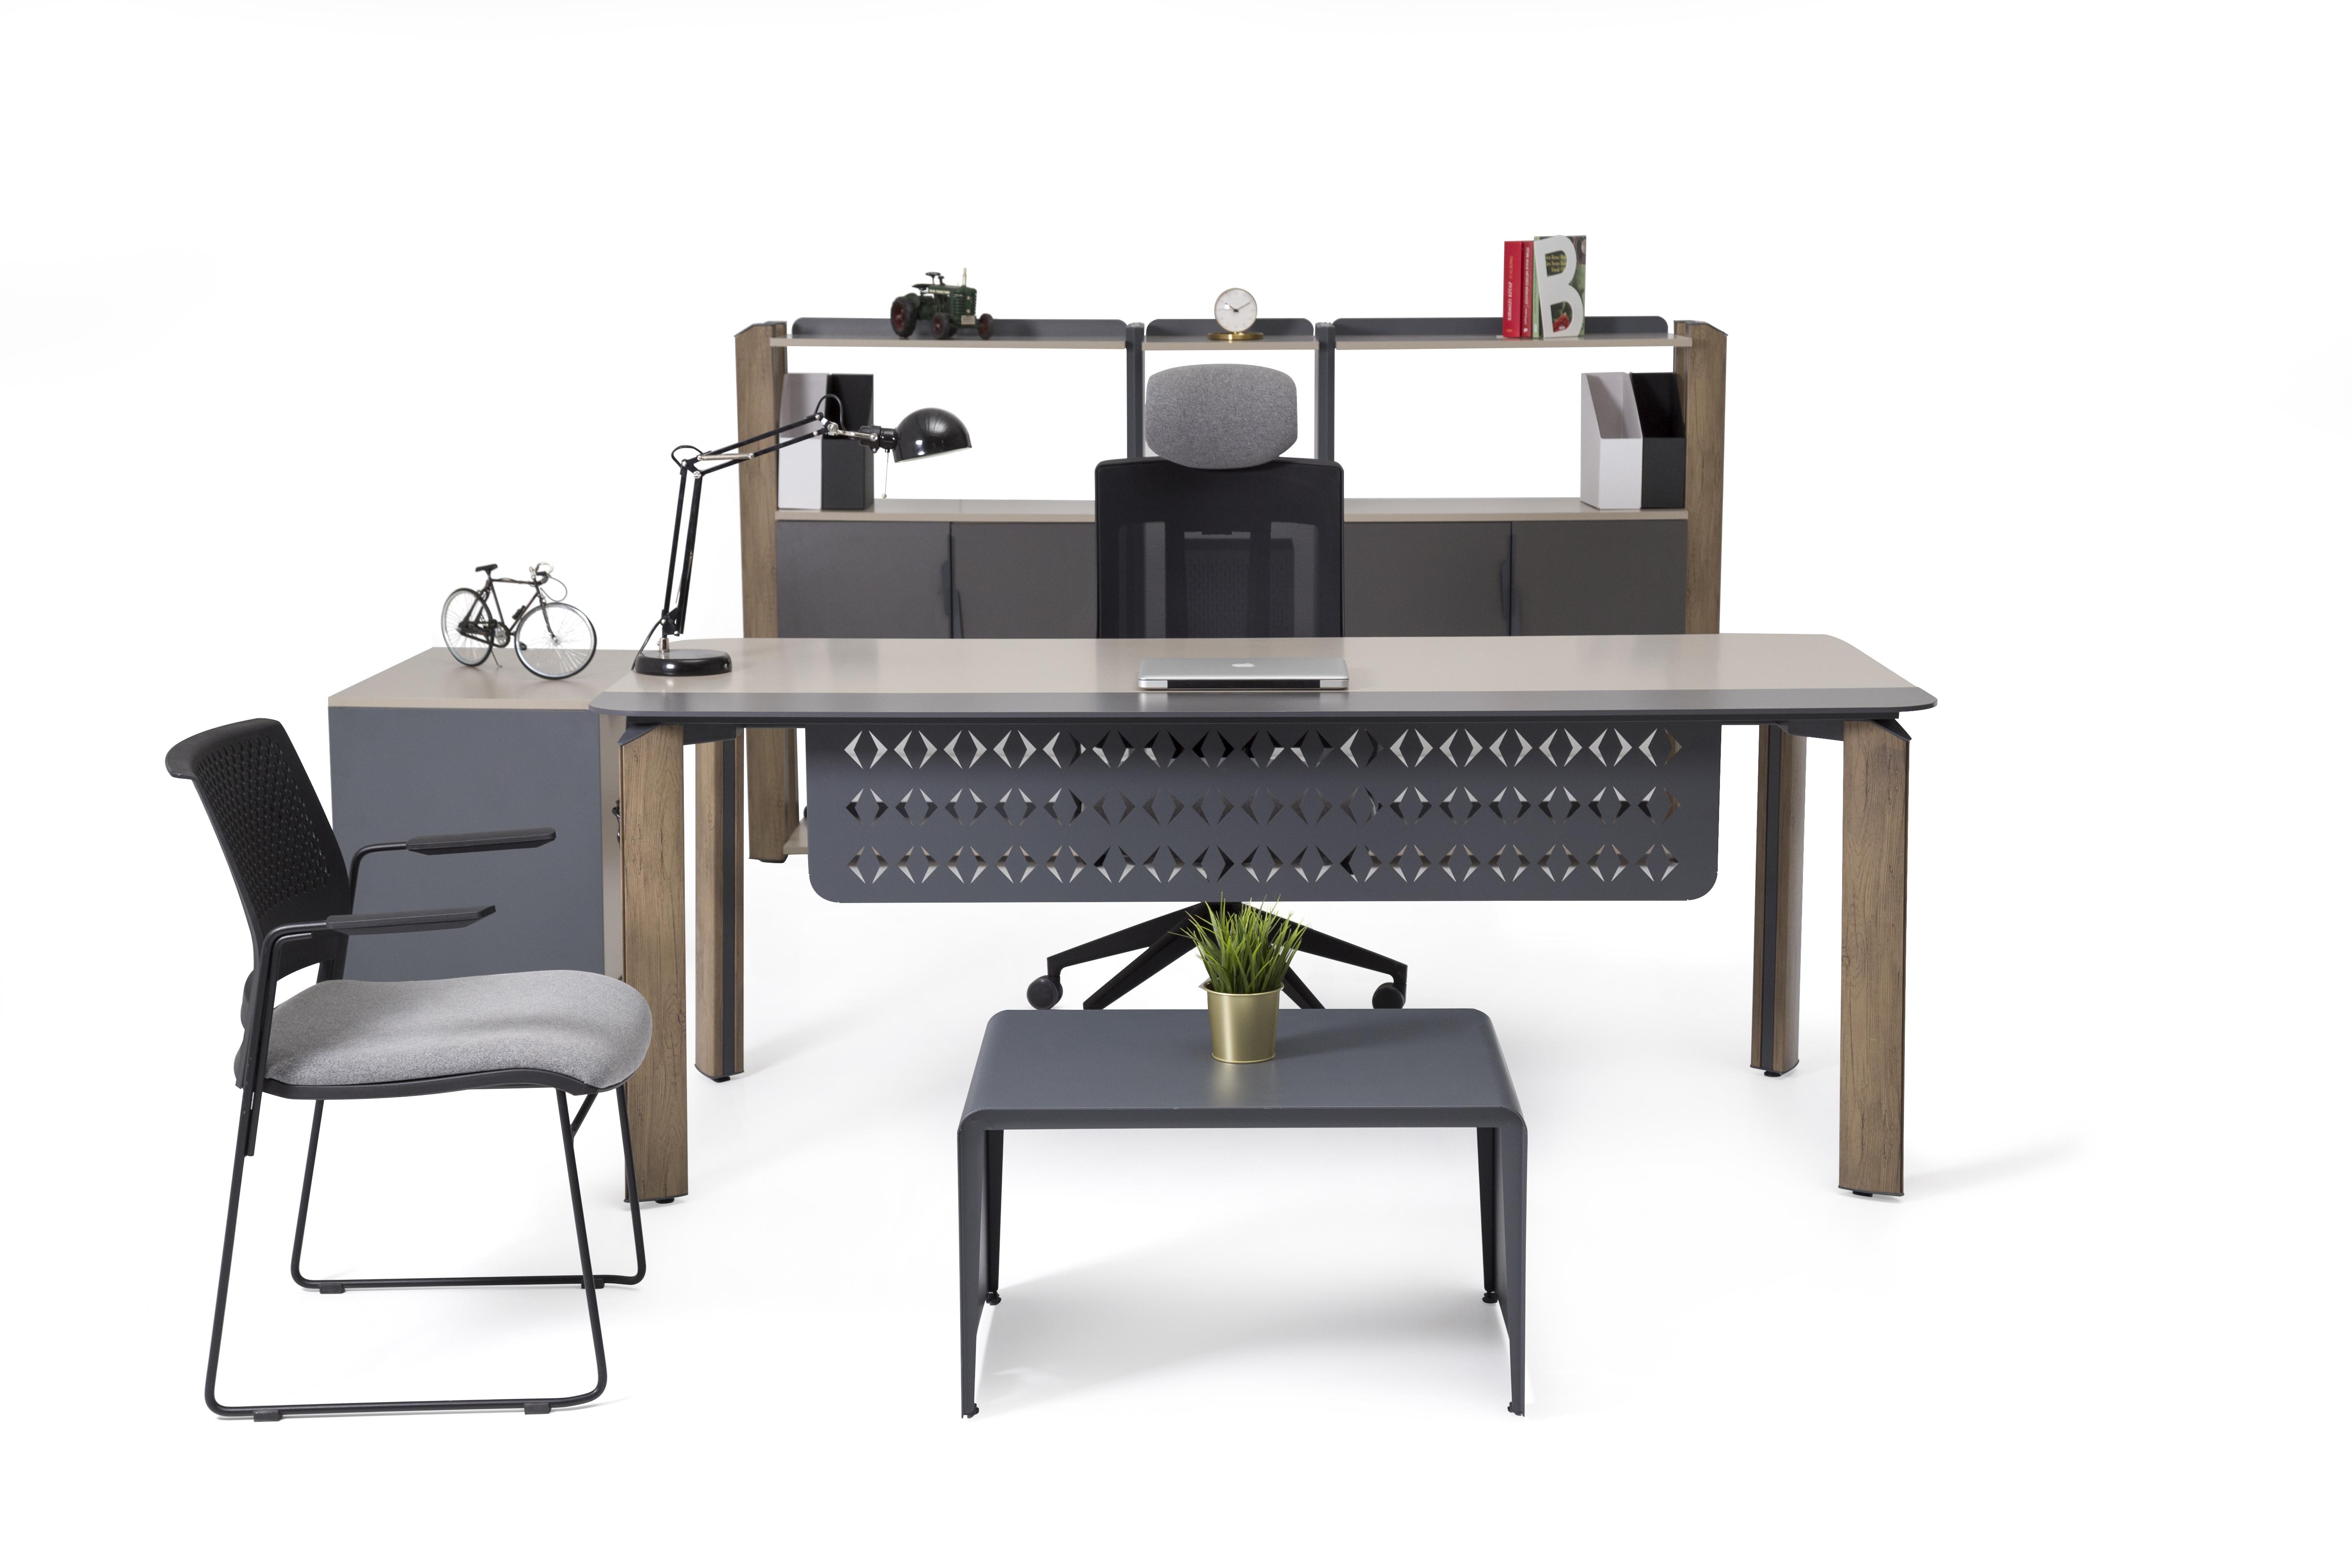 Ovali Büromöbel komplett 4-teilig Twist 200x90 cm